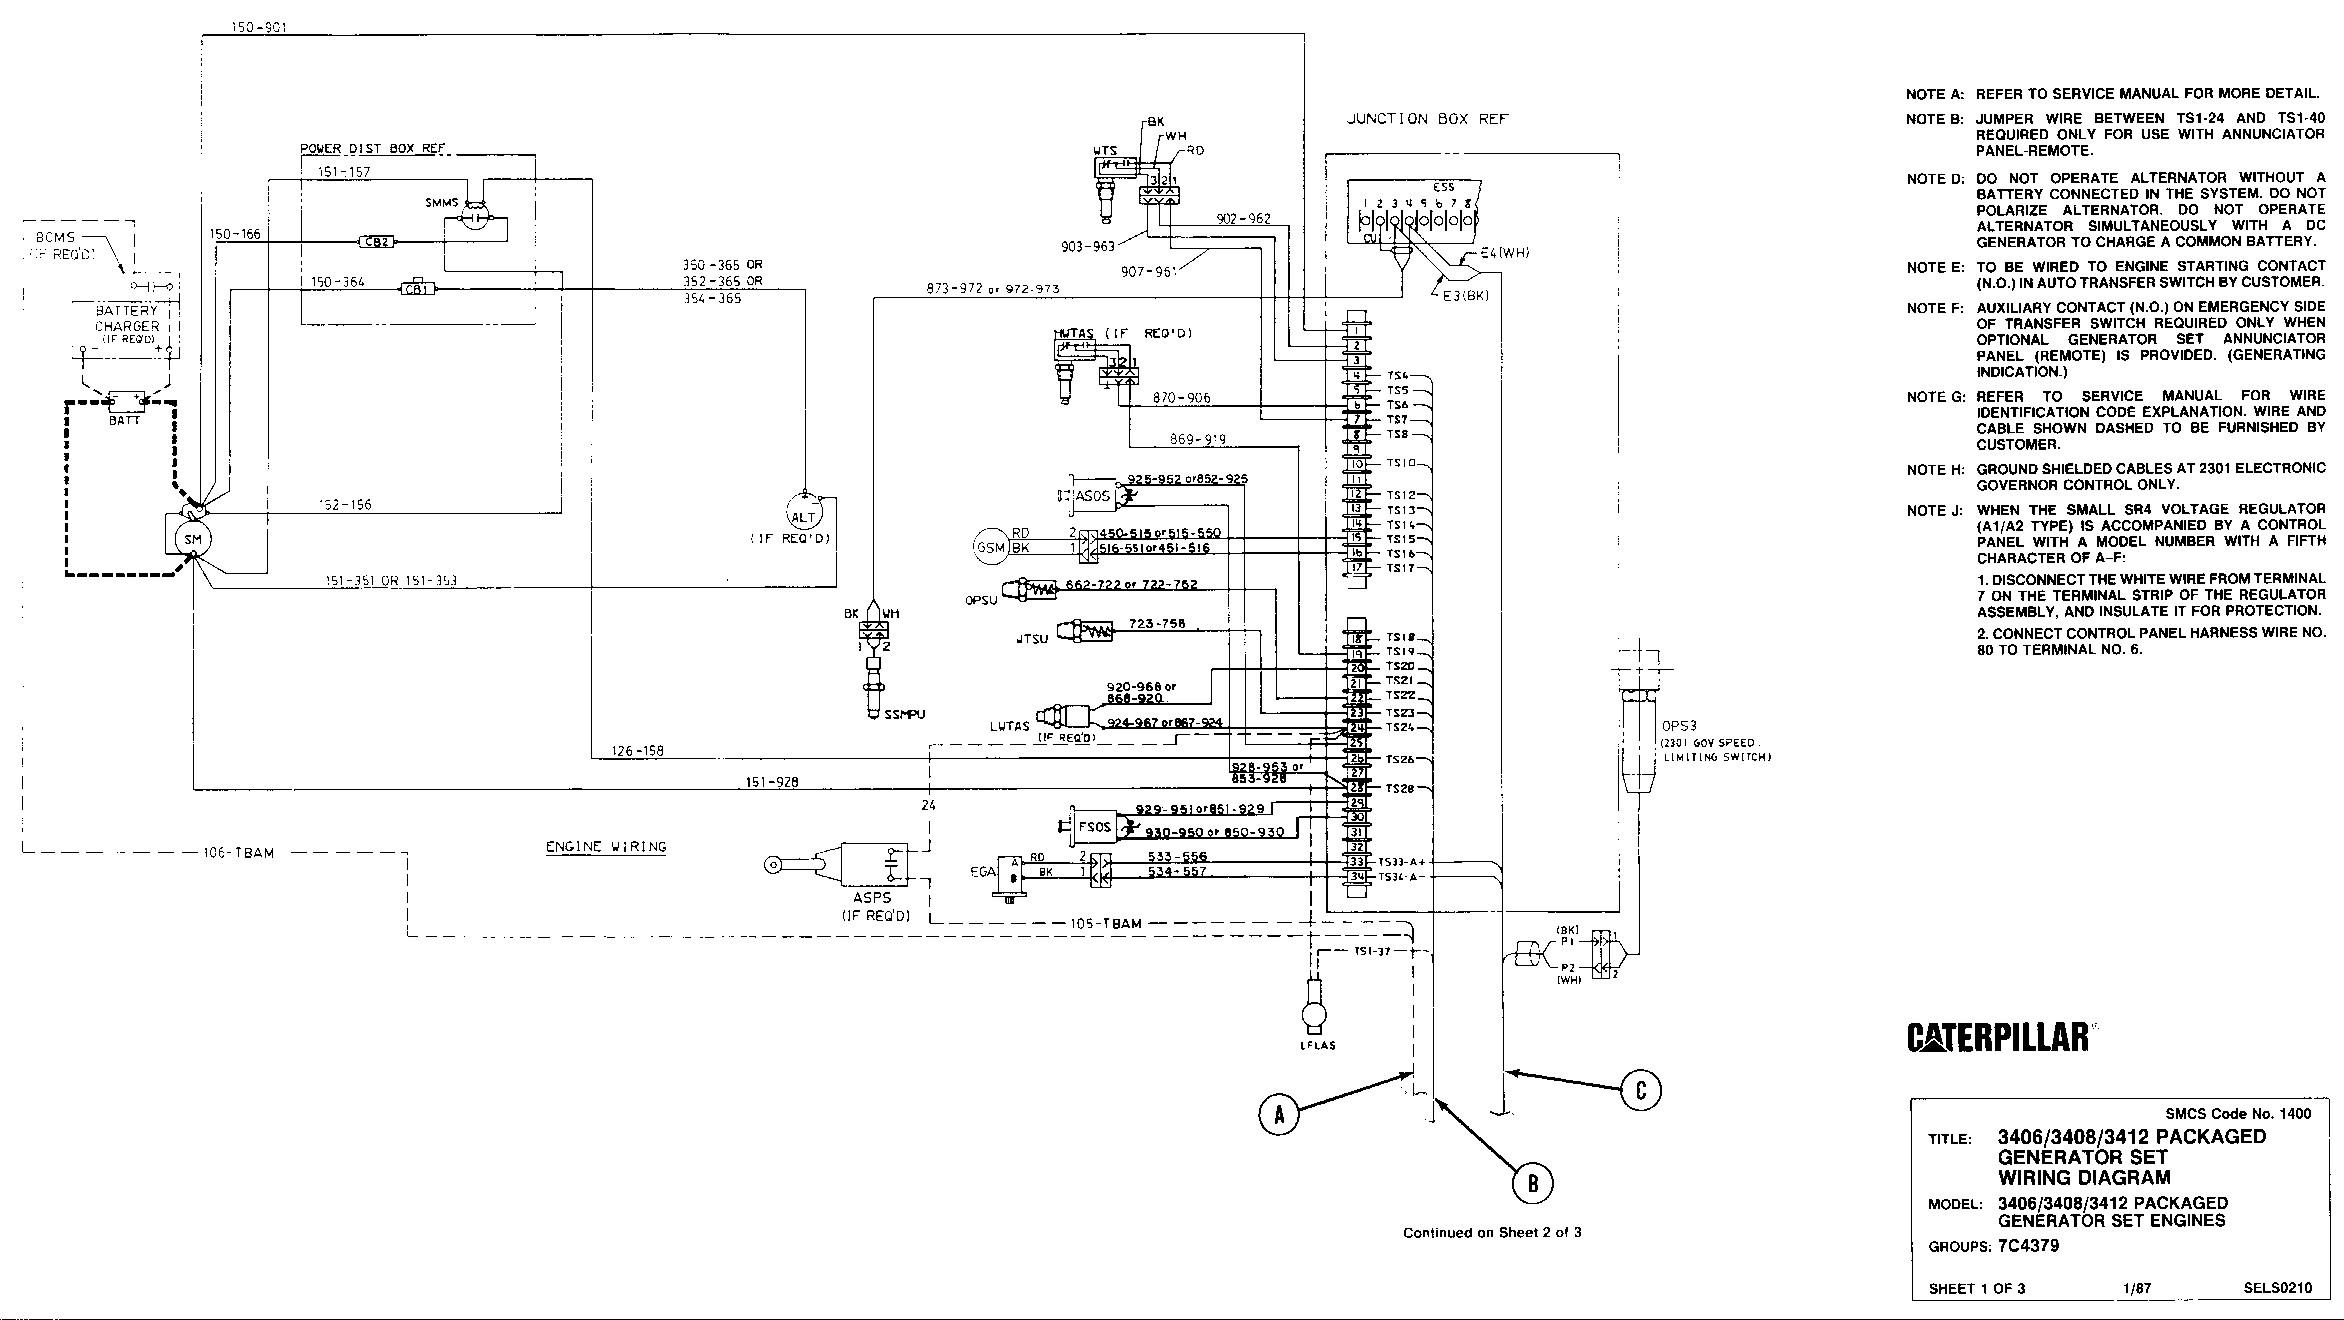 أحمق تطفو صنارة صيد cat 40 pin ecm wiring diagram ...